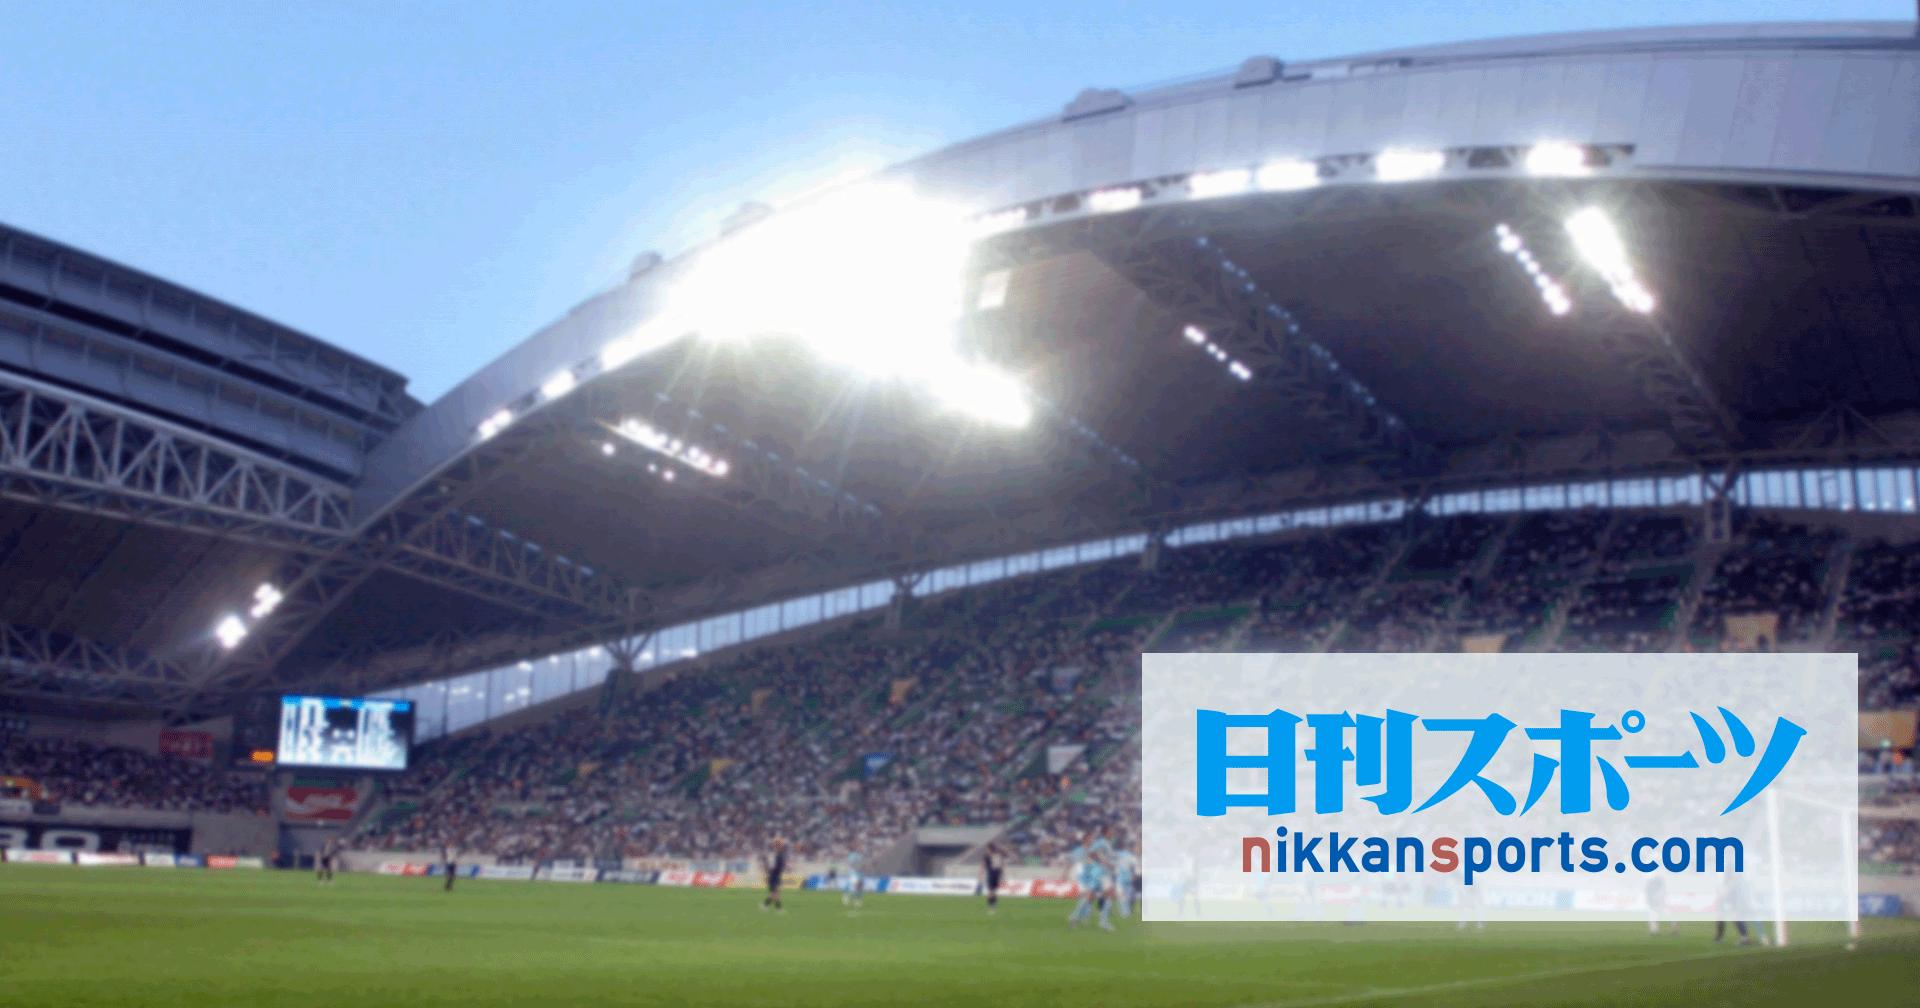 アイドル刺傷事件の岩埼被告が「岩崎」に戸籍変更 - 社会 : 日刊スポーツ